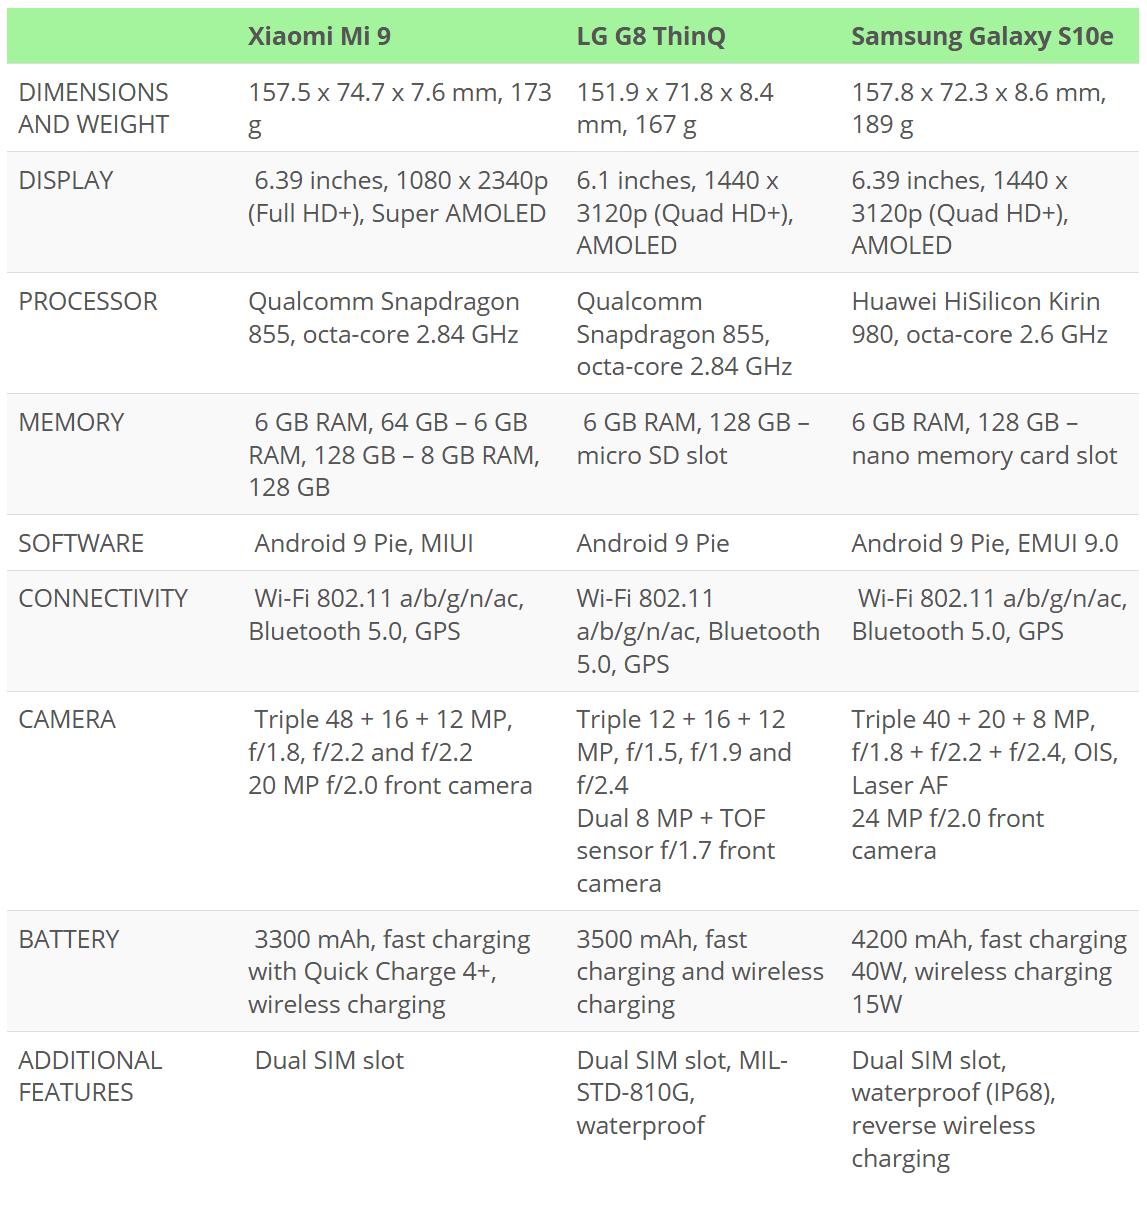 Xiaomi Mi 9 vs LG G8 ThinQ vs Samsung Galaxy S10e